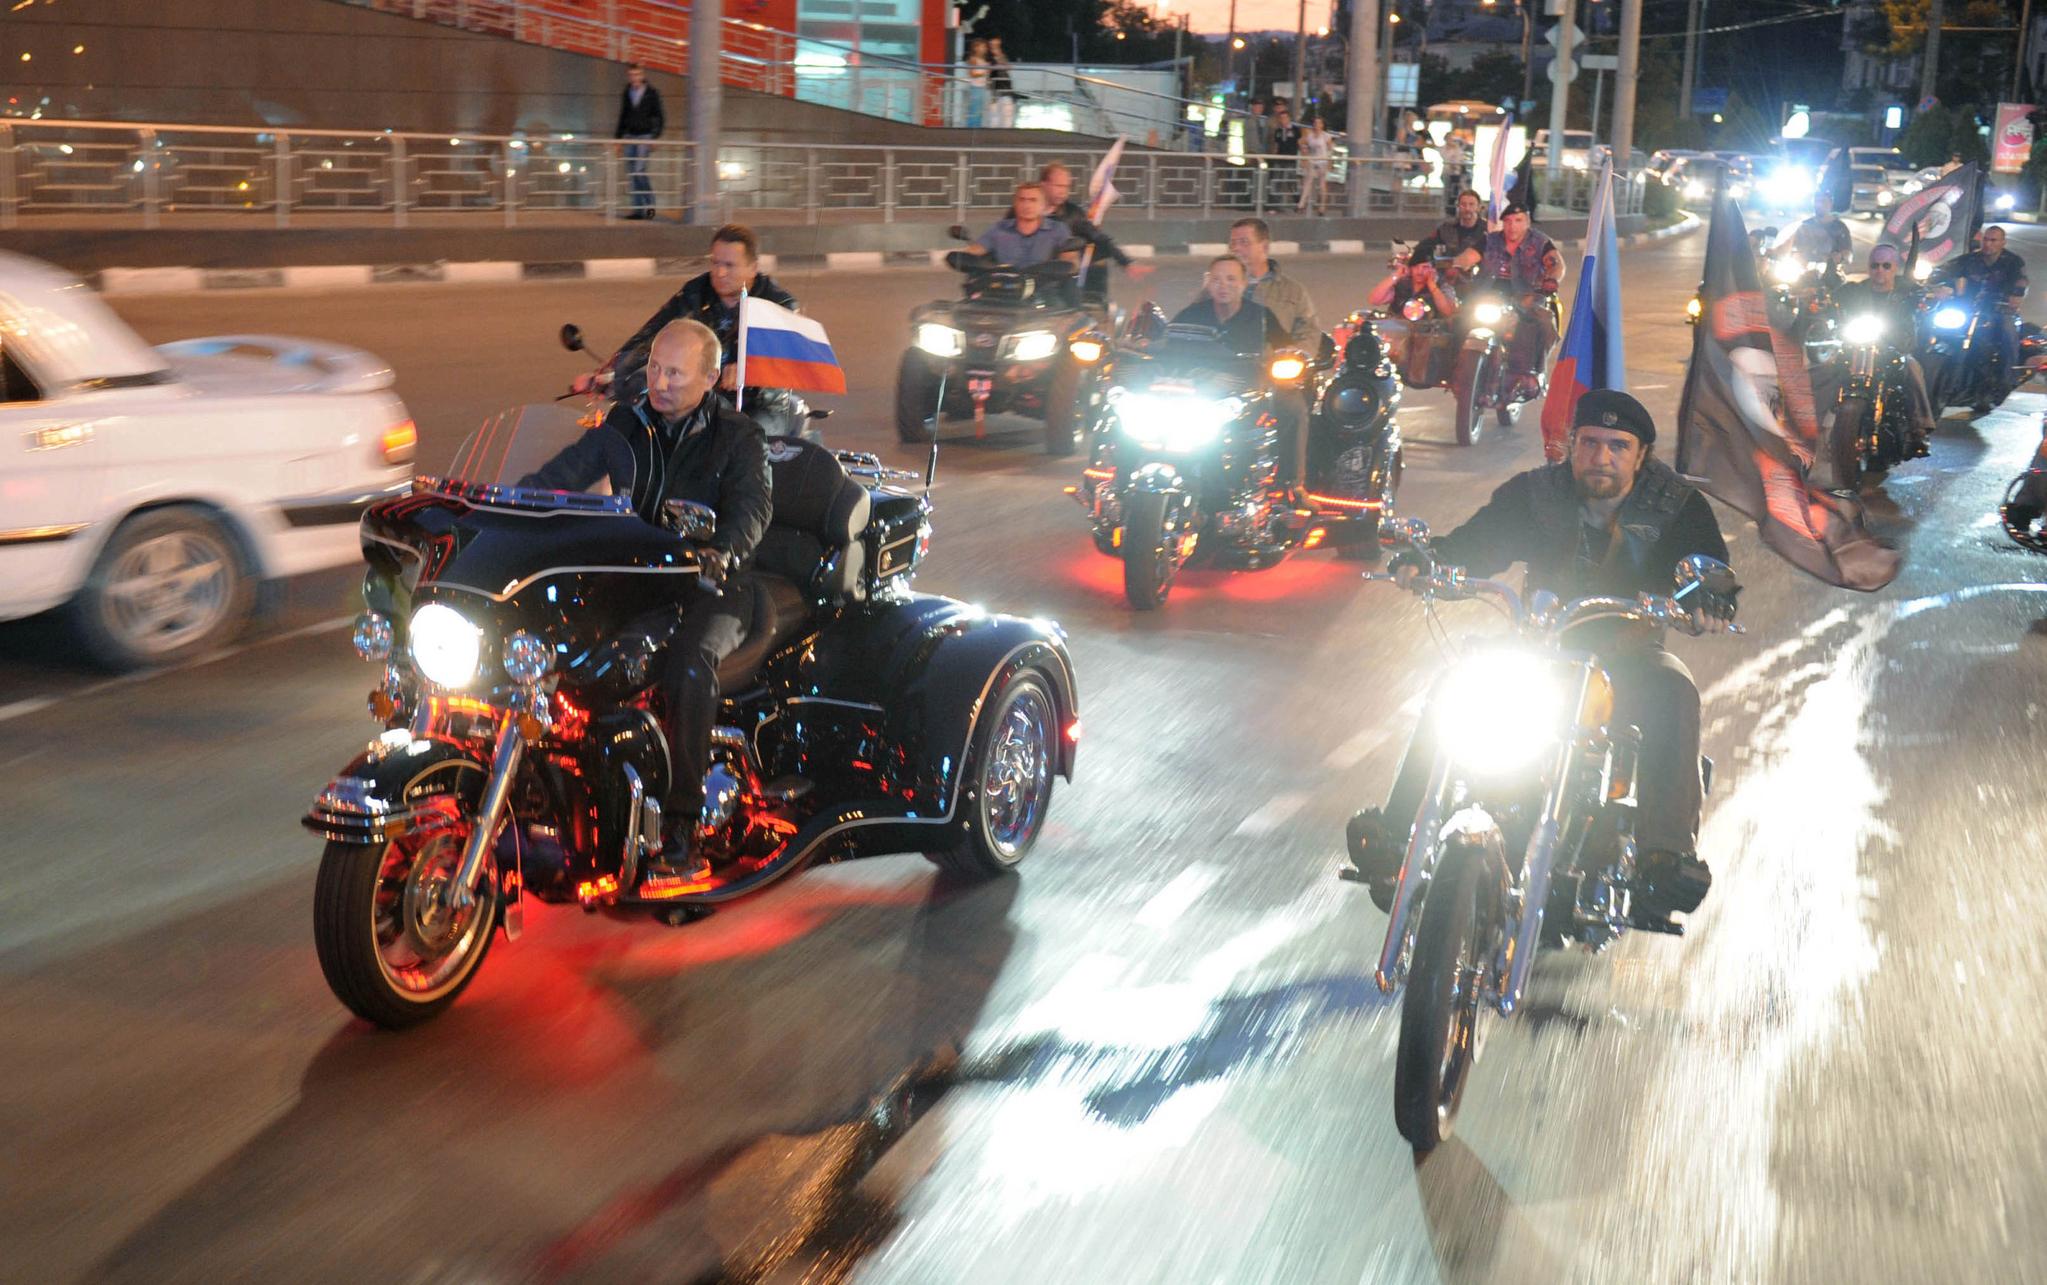 지난 2011년 회담차 우크라이나를 방문 한 푸틴 대통령(당시 총리)이 오토바이 축제장을 찾아 폭주족 나이트 울프와 함께 오토바이를 몰고 있다. [AP=연합뉴스]